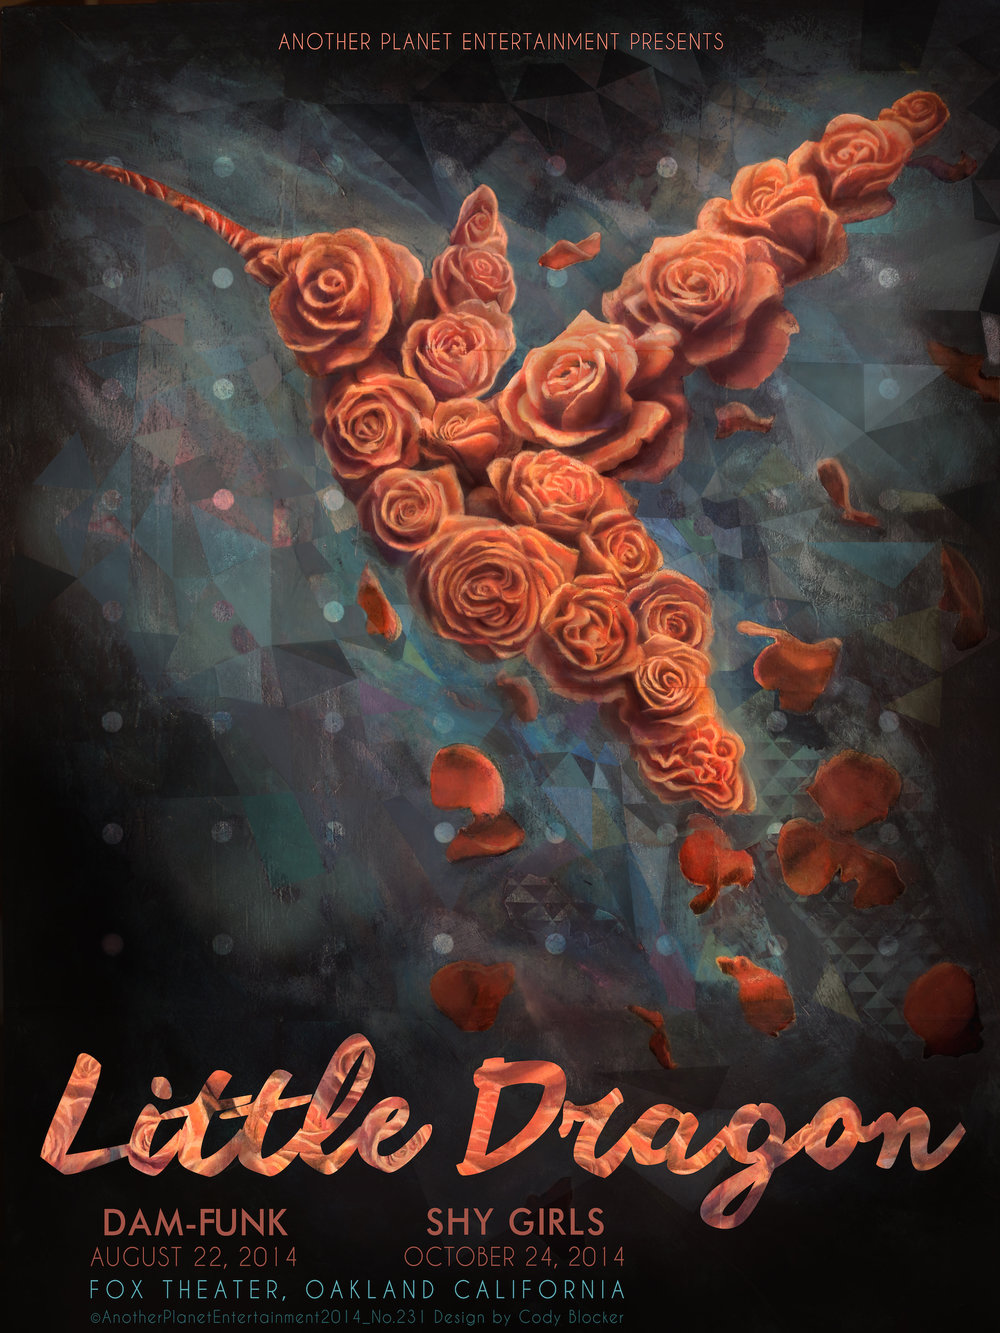 Littledragon_final_2500x1875.jpg